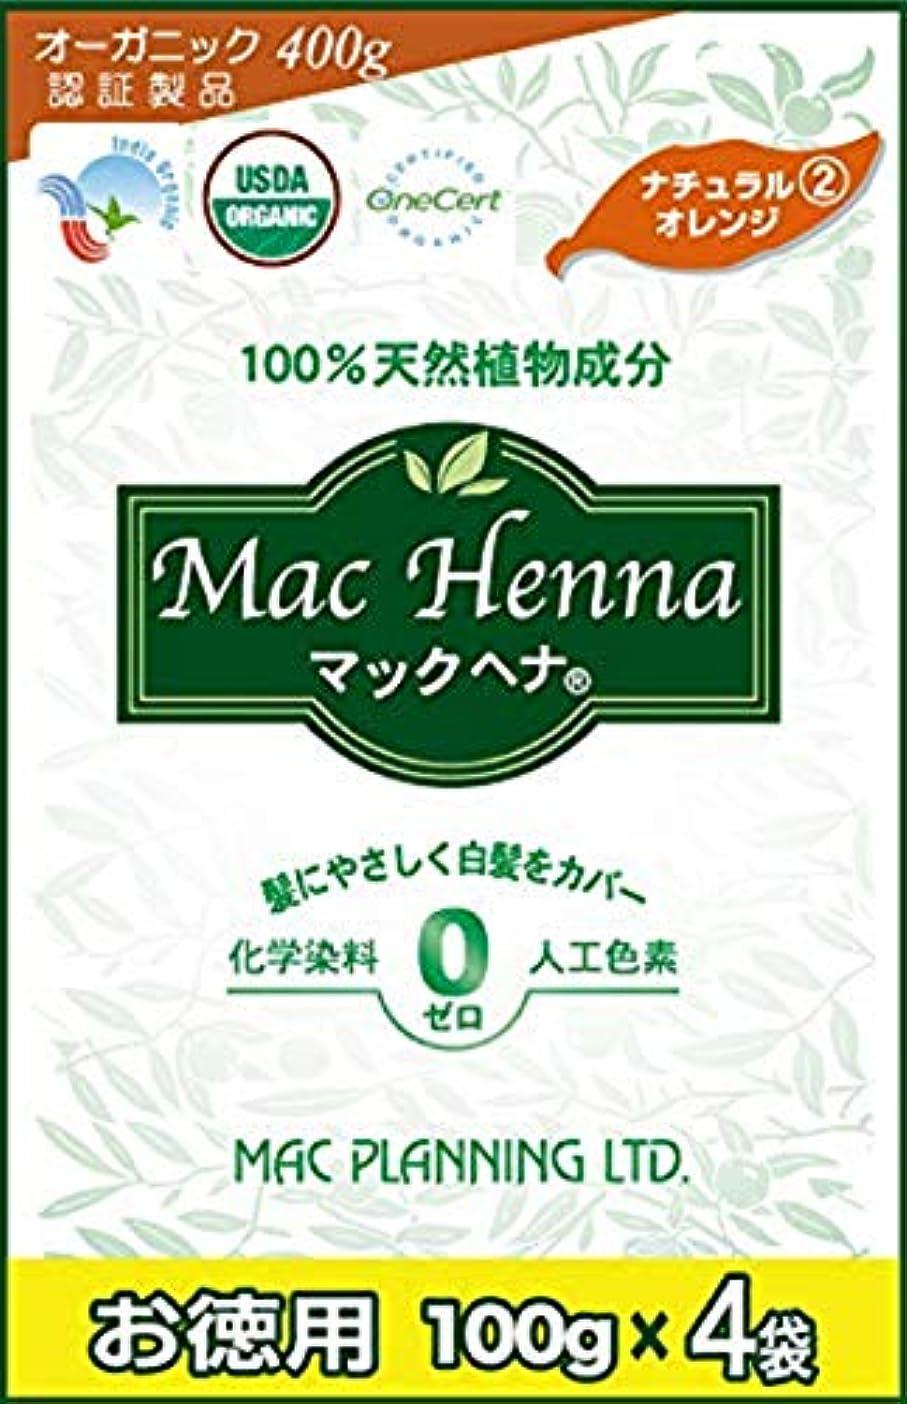 曖昧な究極の合理的マックヘナ お徳用 ナチュラルオレンジ400g (ヘナ100%) ヘナ白髪用カラー